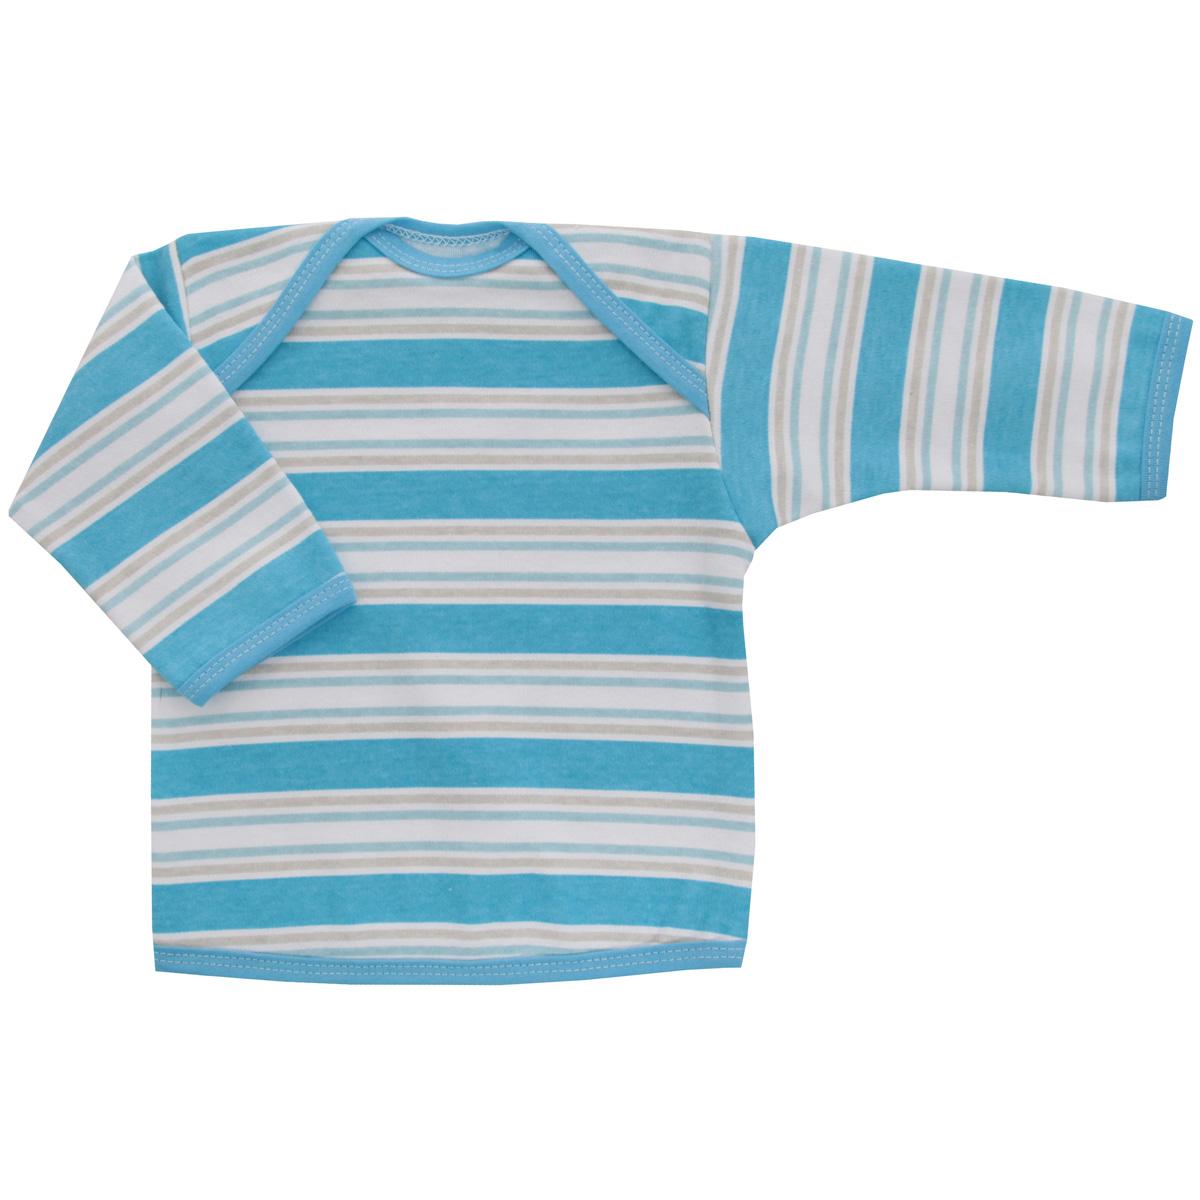 Футболка с длинным рукавом детская Трон-плюс, цвет: голубой, белый. 5611_полоска. Размер 62, 3 месяца5611_полоскаУдобная детская футболка Трон-плюс с длинными рукавами послужит идеальным дополнением к гардеробу вашего ребенка, обеспечивая ему наибольший комфорт. Изготовленная из интерлока - натурального хлопка, она необычайно мягкая и легкая, не раздражает нежную кожу ребенка и хорошо вентилируется, а эластичные швы приятны телу ребенка и не препятствуют его движениям. Удобные запахи на плечах помогают легко переодеть младенца. Горловина, низ модели и низ рукавов дополнены трикотажной бейкой. Спинка модели незначительно укорочена. Оформлено изделие принтом в полоску. Футболка полностью соответствует особенностям жизни ребенка в ранний период, не стесняя и не ограничивая его в движениях.